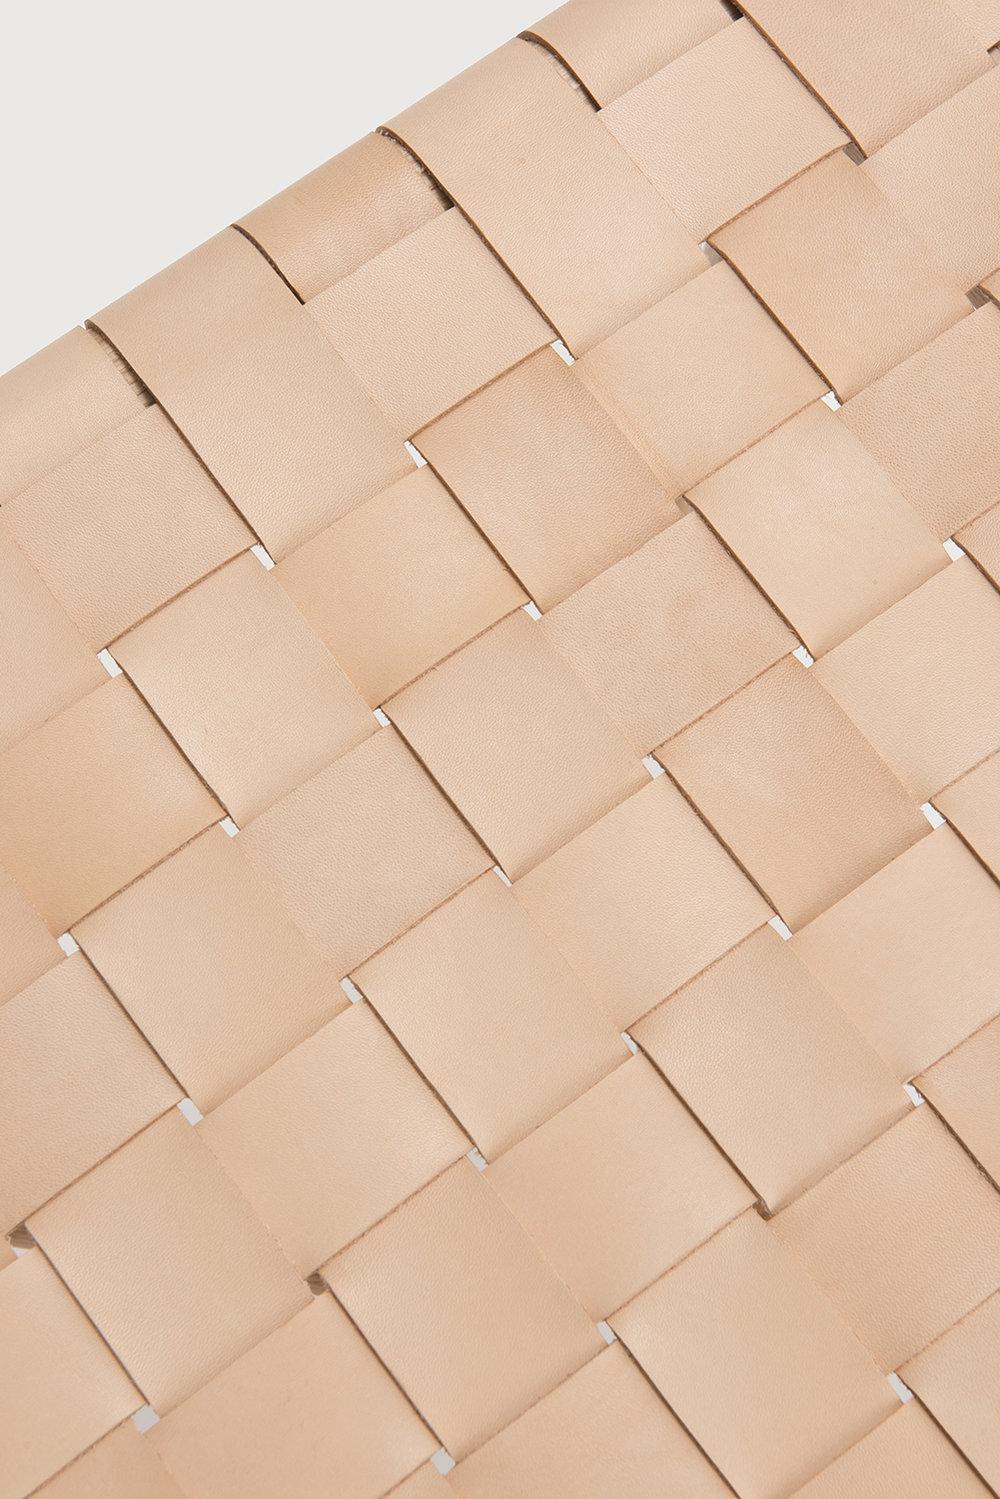 Ariake_Detail_Ariake_Chair_Leather_Strap.jpg